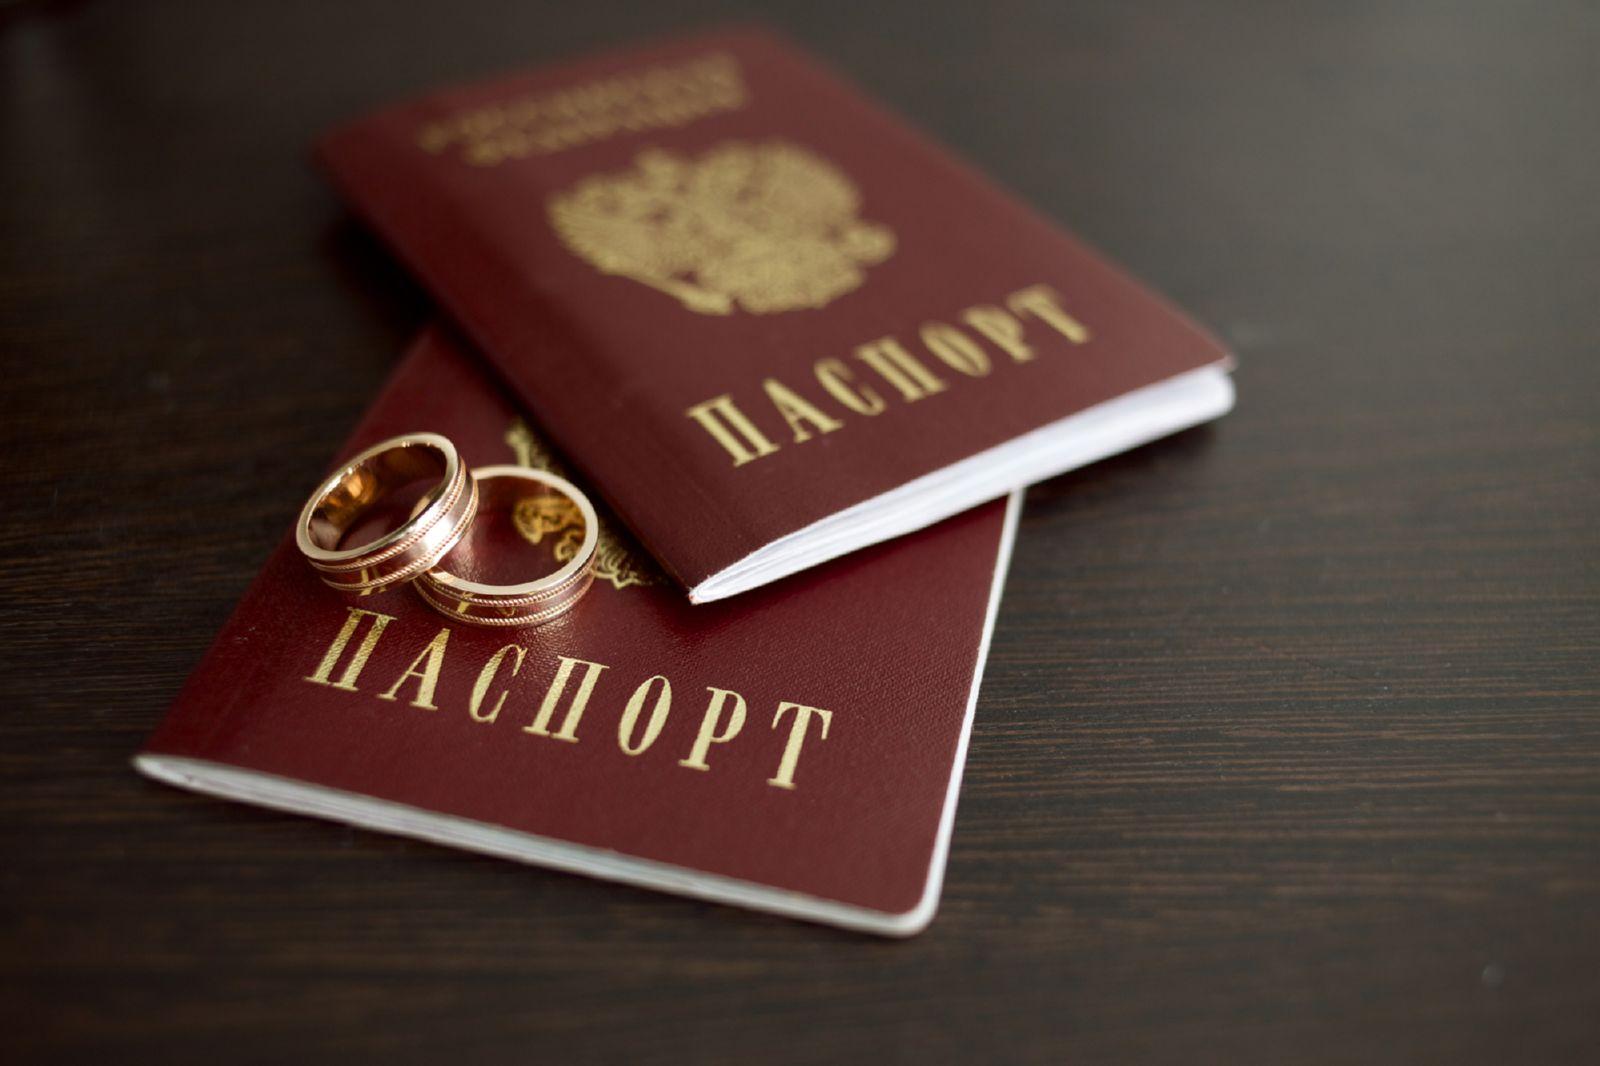 А нужно ли сейчас менять загранпаспорт при смене фамилии?